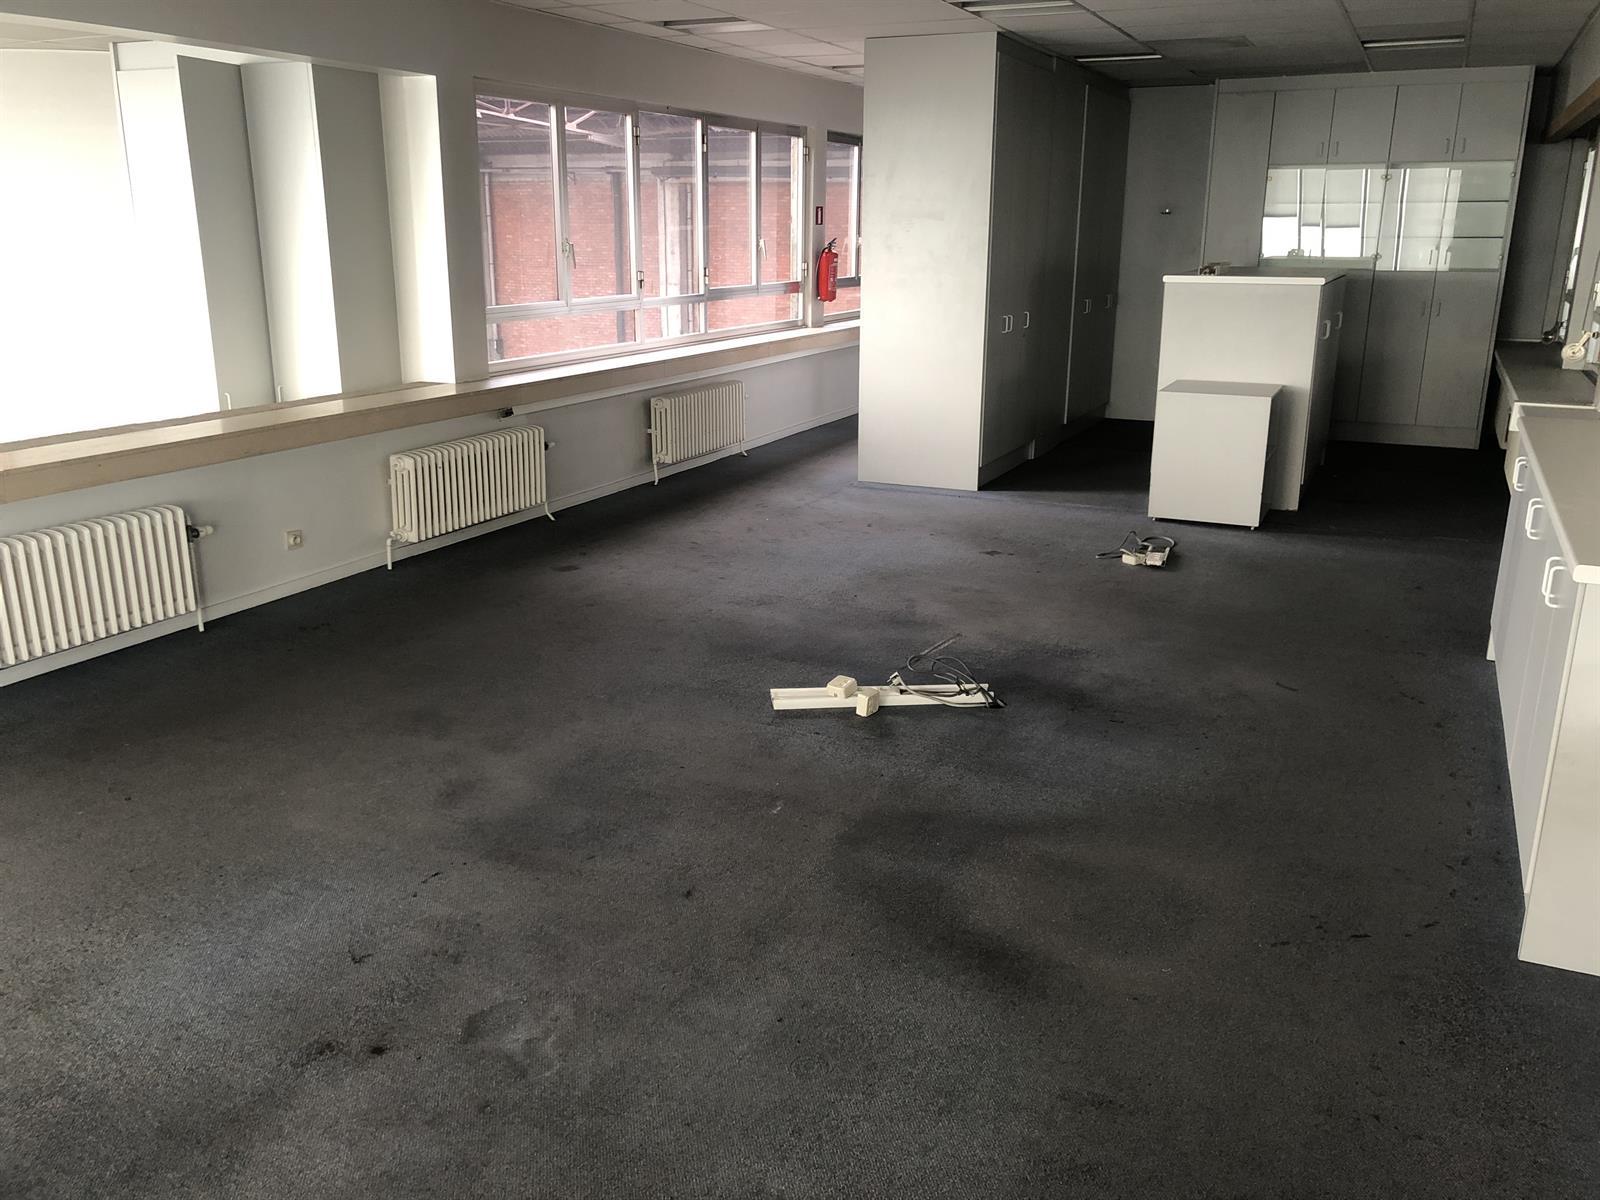 kantoor te huur K001 - Wilmarsdonksteenweg 11, 2030 Antwerpen, België 11